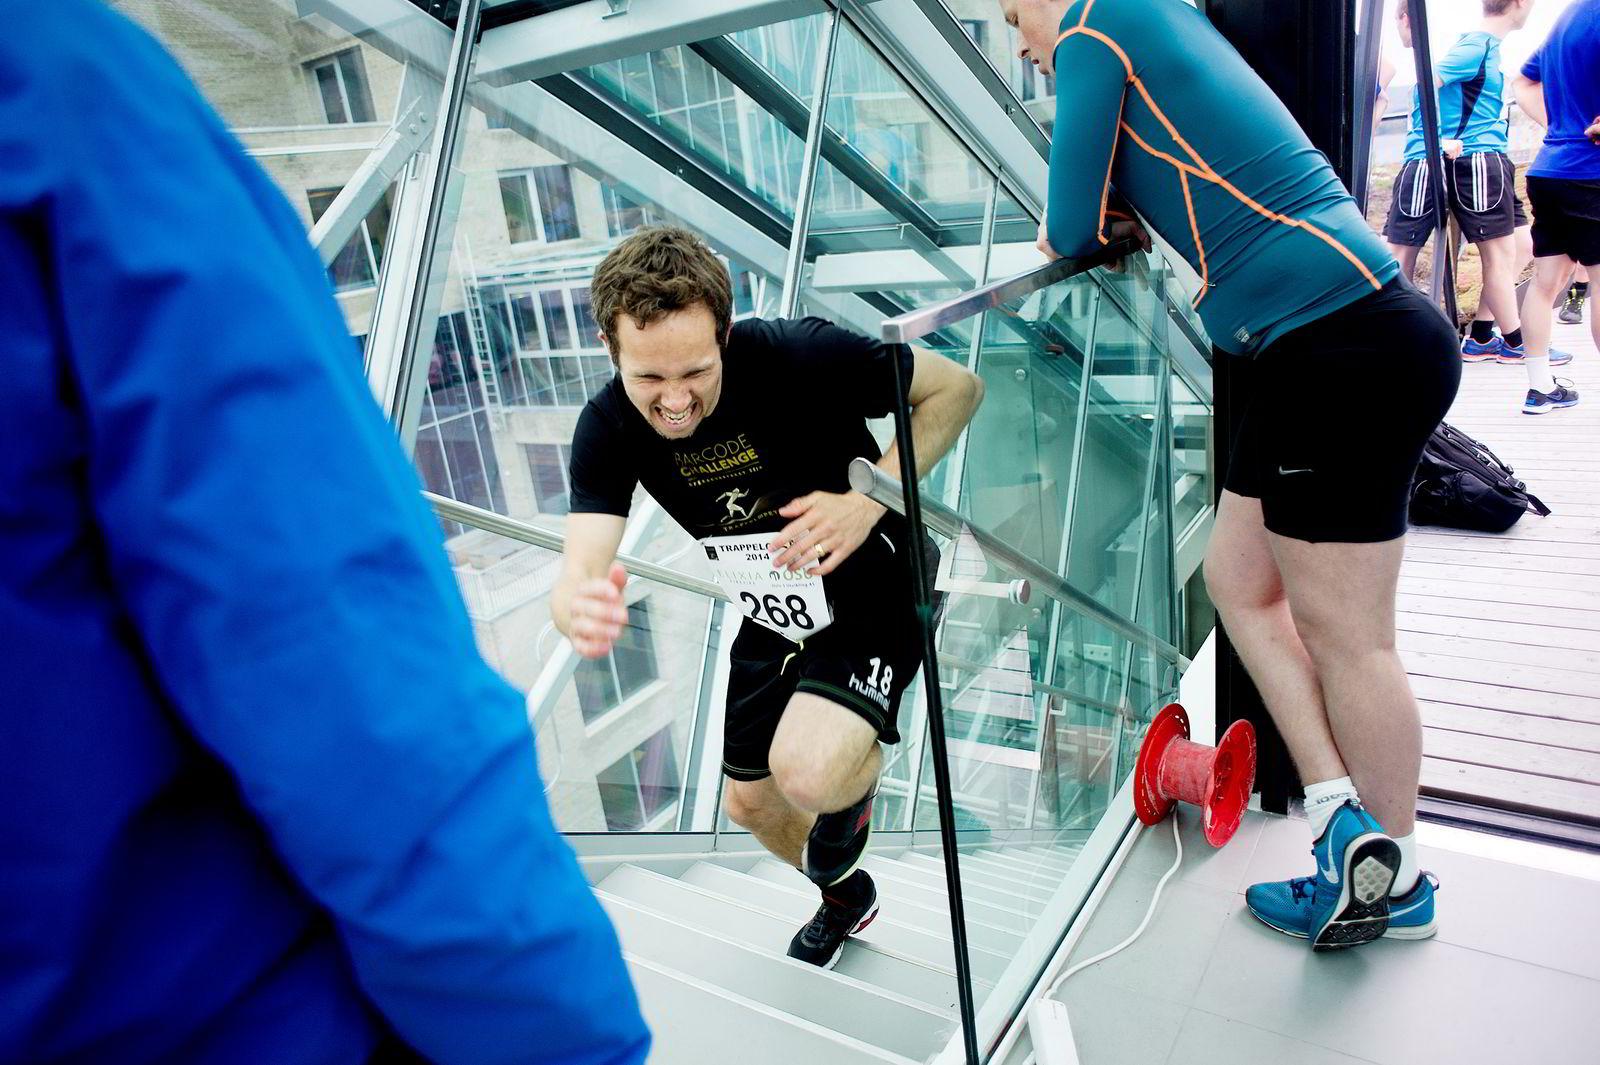 HARDE TRINN: Petter Furuseth gjennomførte et godt trappeløp på tiden 01:03. 9 sekunder bak vinner.  FOTO:Mikaela Berg